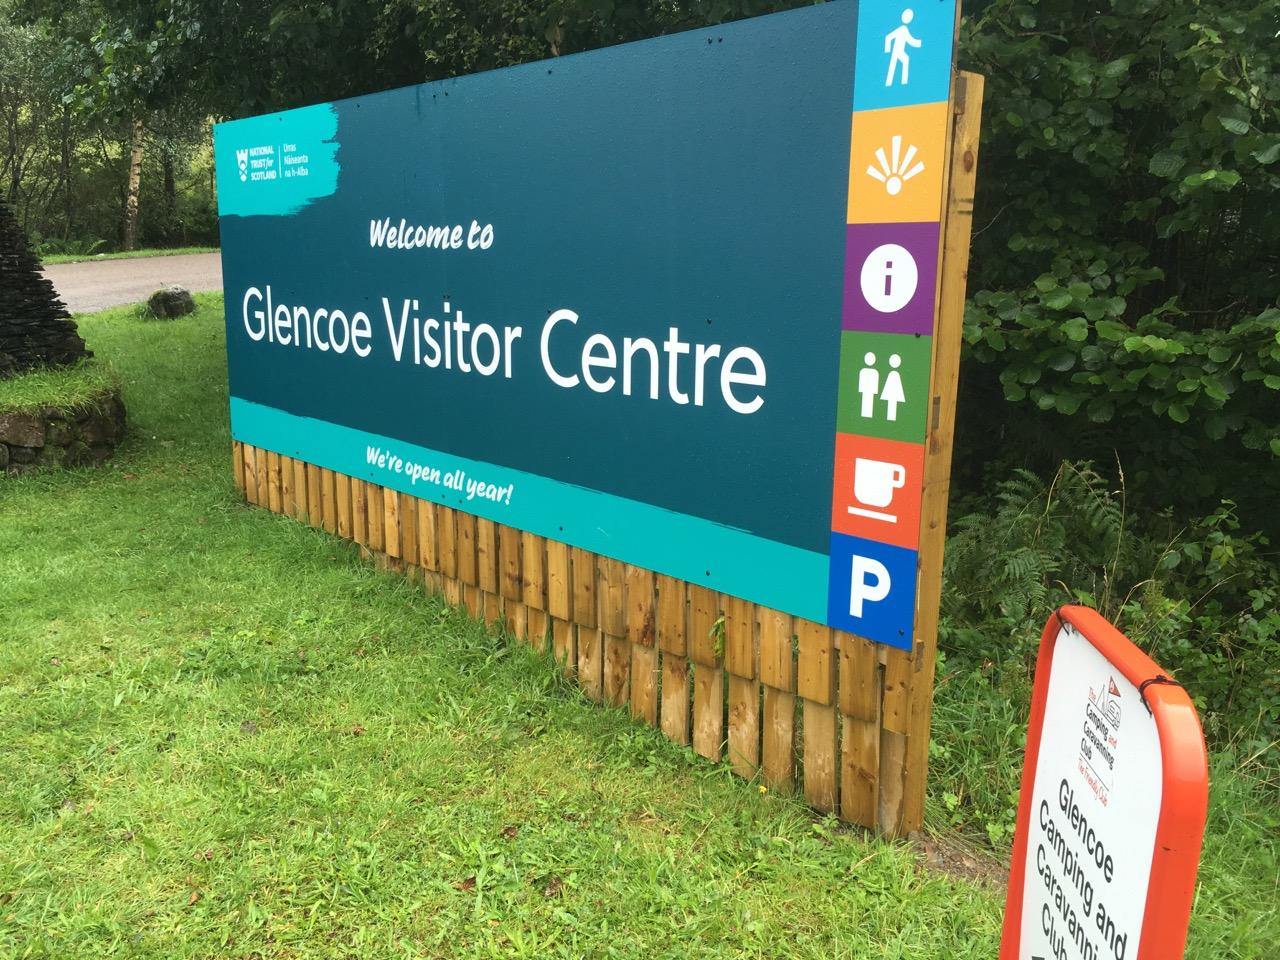 到了Glencoe Visitor Centre,可以坐下来看纪录片,这个峡谷历史上发生过一个凄惨的屠杀案